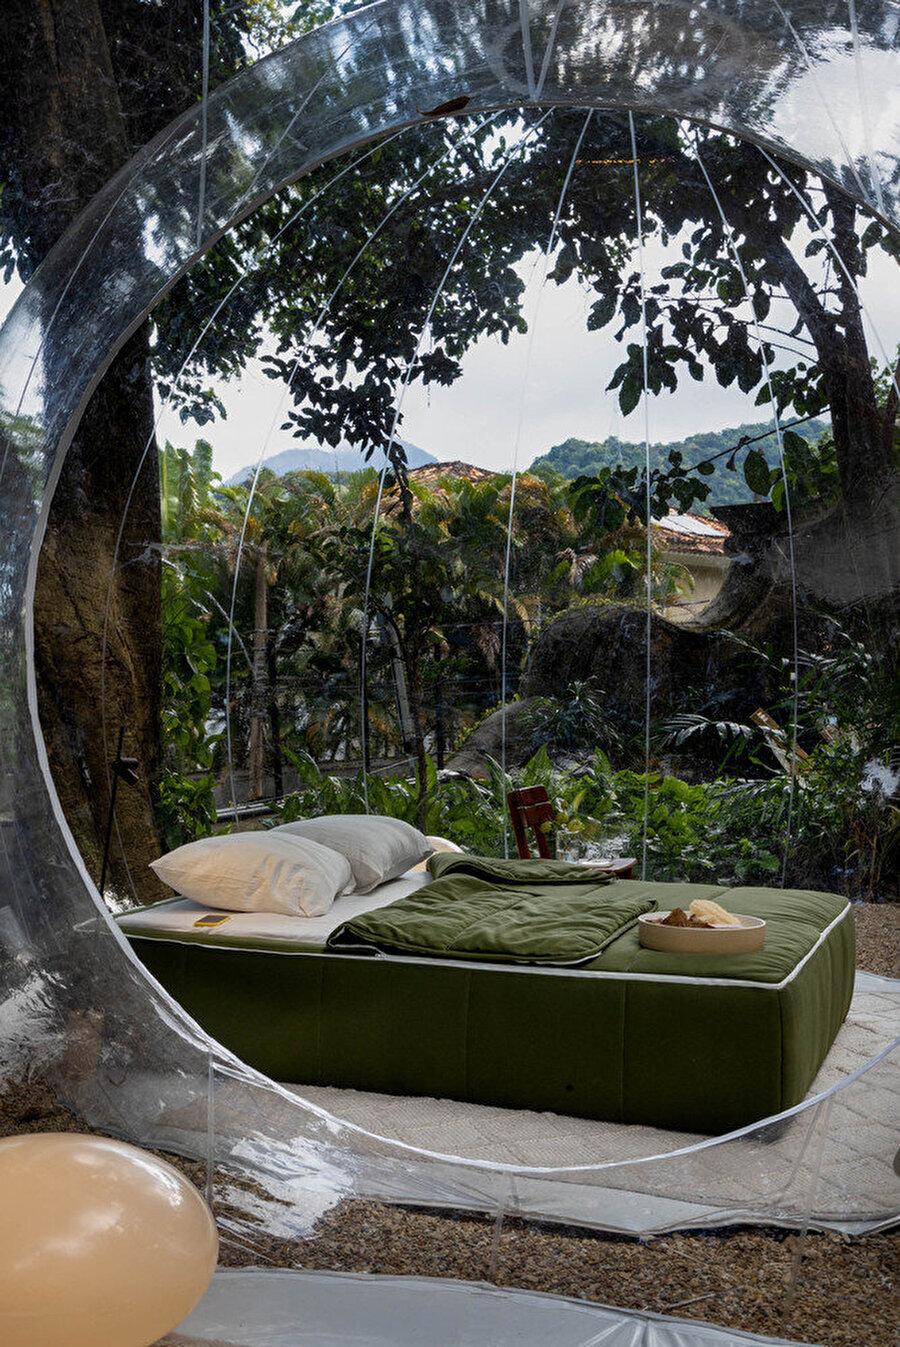 İki baloncuktan biri yatak alanı diğeri ise oturma alanı olarak kullanılıyor.